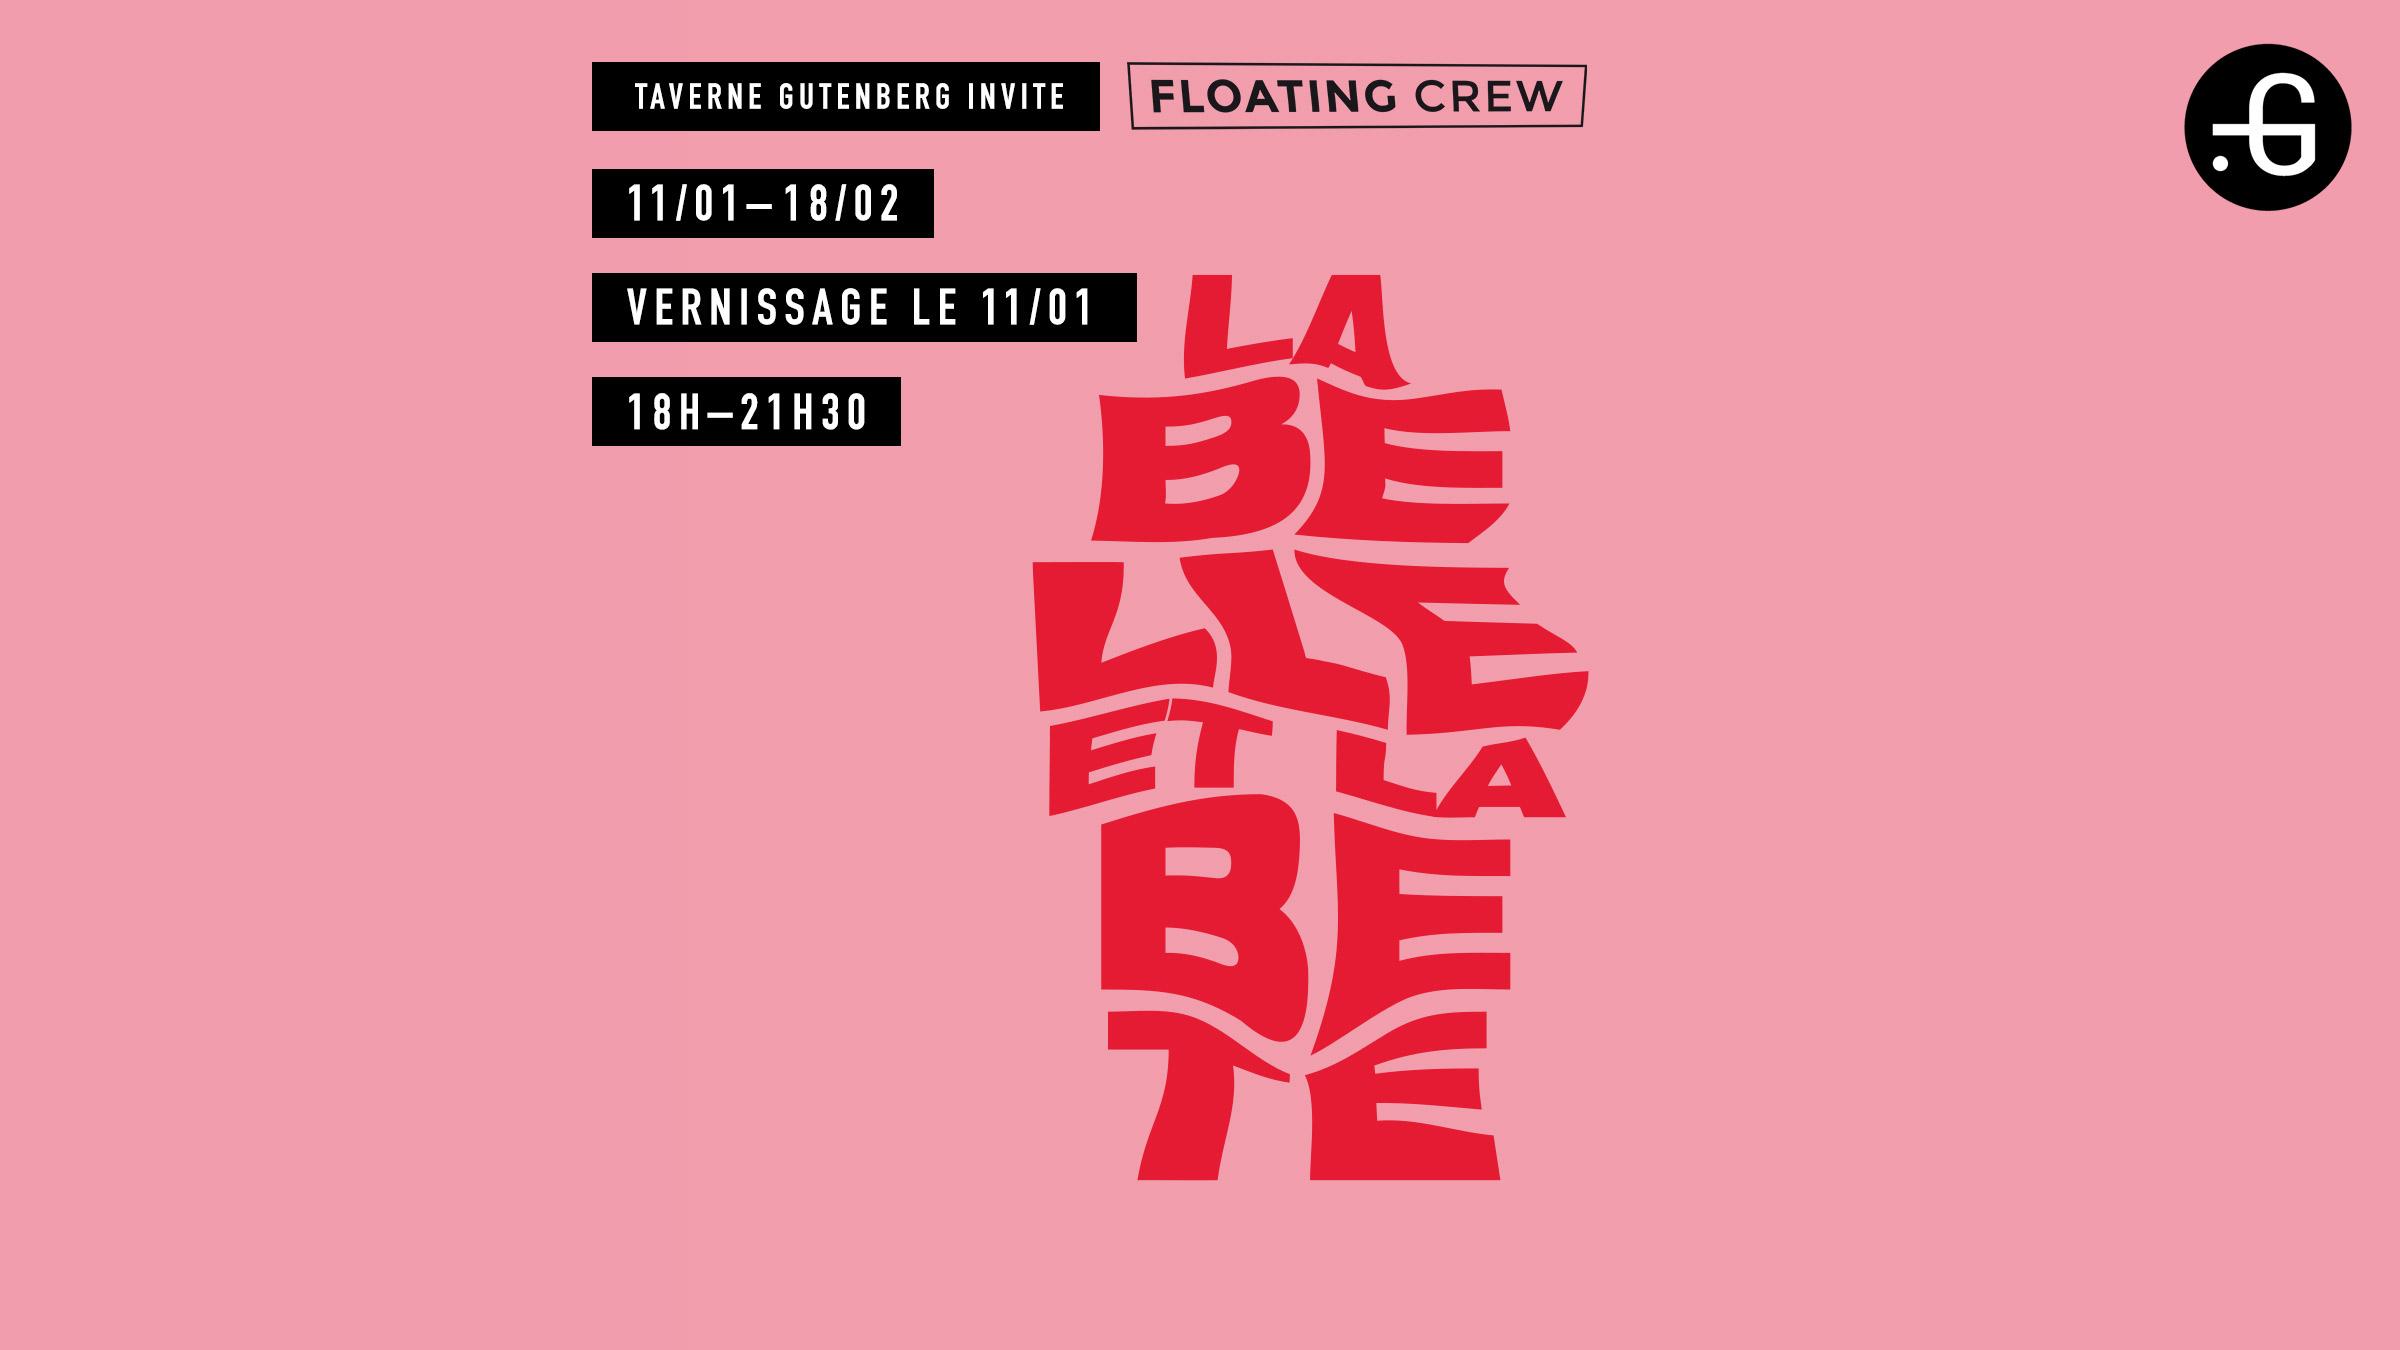 La Belle et la Bête, exposition collective Taverne Gutenberg par Floating Crew